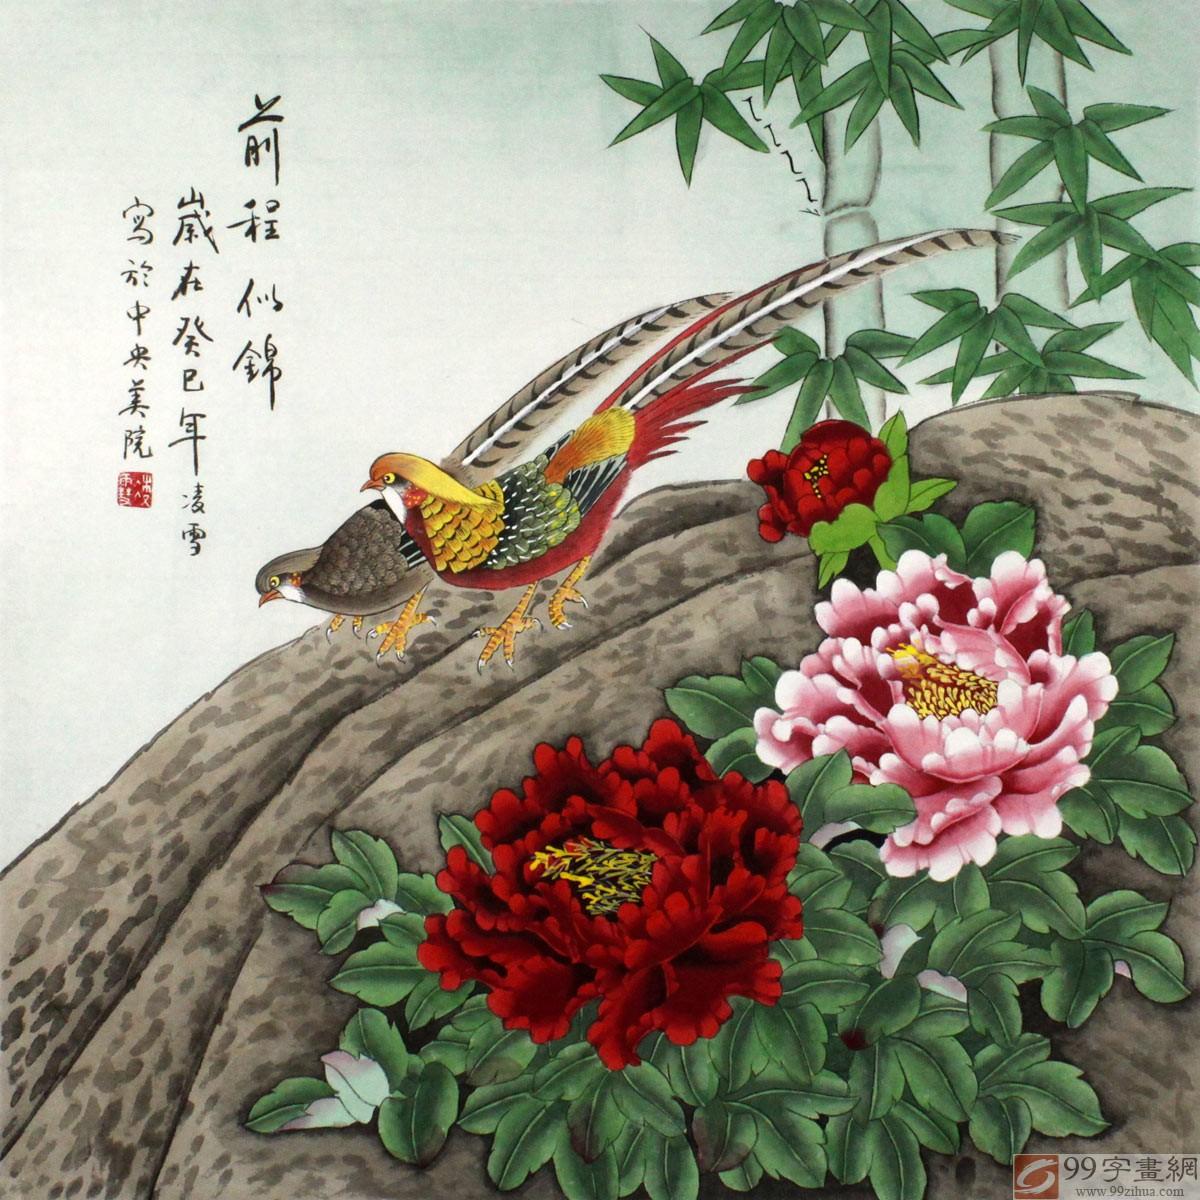 她笔下的花卉,草木,锦鸡颇得自然之真,工笔写意兼之,既有近景中的细腻